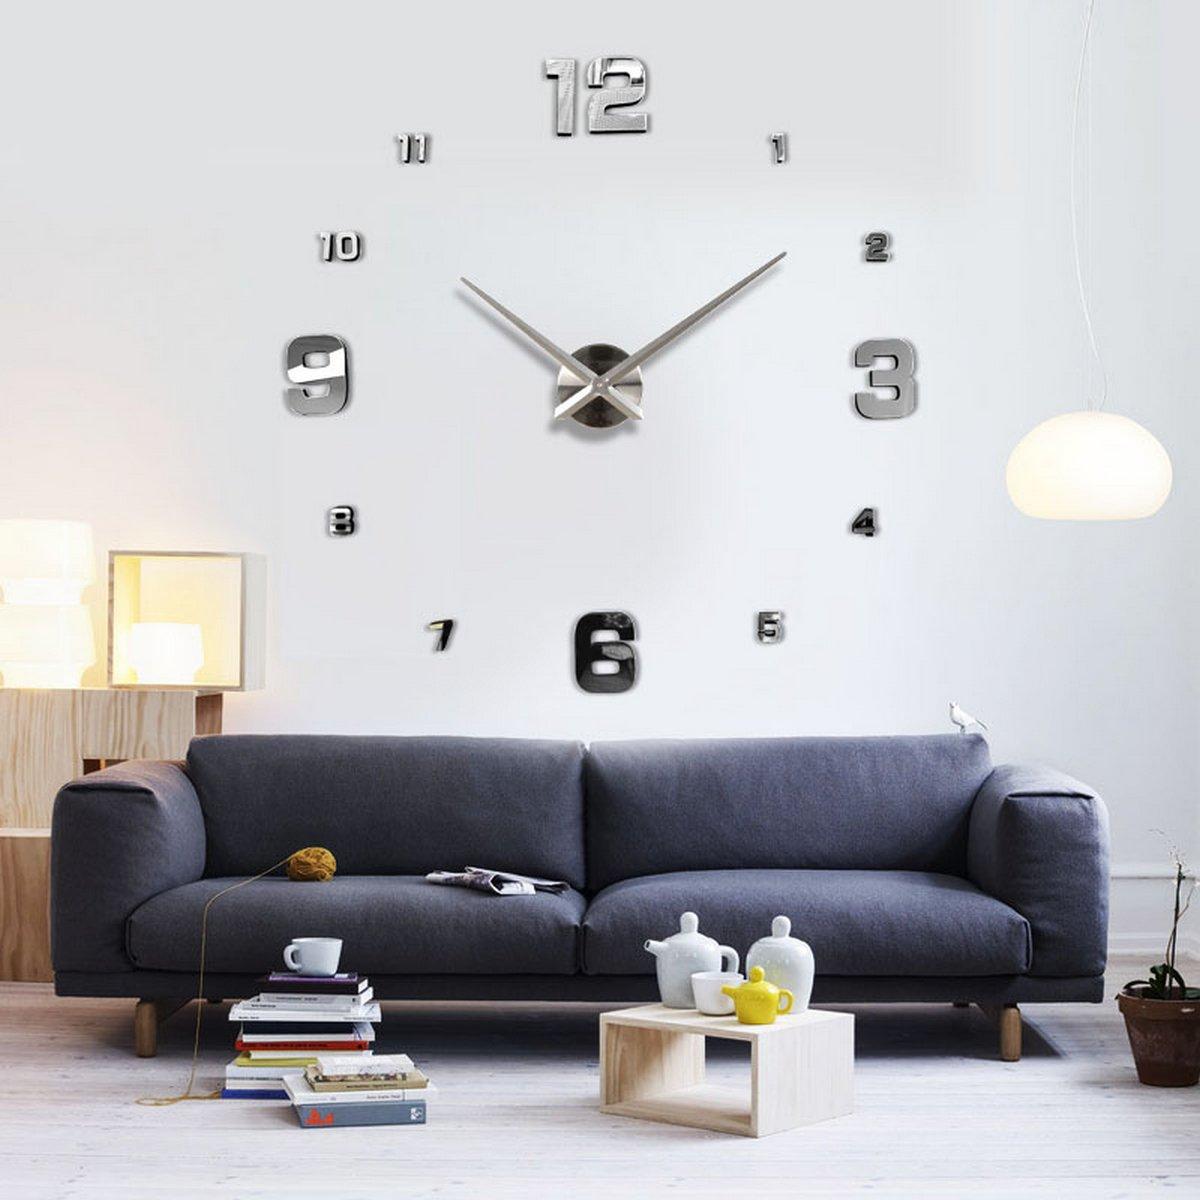 UNIQUEBELLA Wanduhr Riesige Spiegel Wanduhr Vinyl DIY Ø Ø Ø 130cm Große XXL Design Uhr küchenuhr Quarzuhr Analoguhr 08b46d